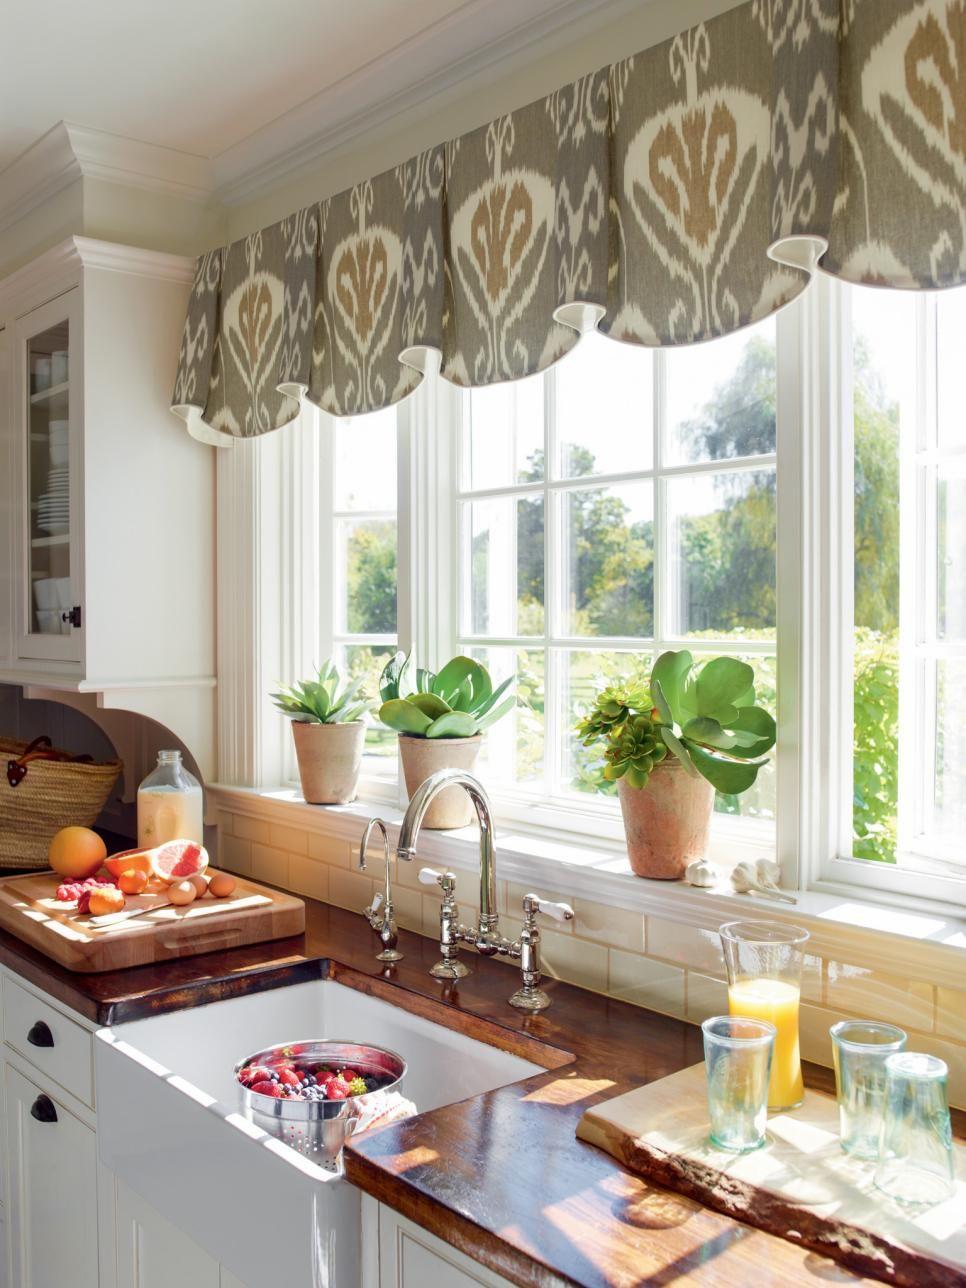 kitchen window ideas 10 Stylish Kitchen Window Treatment Ideas